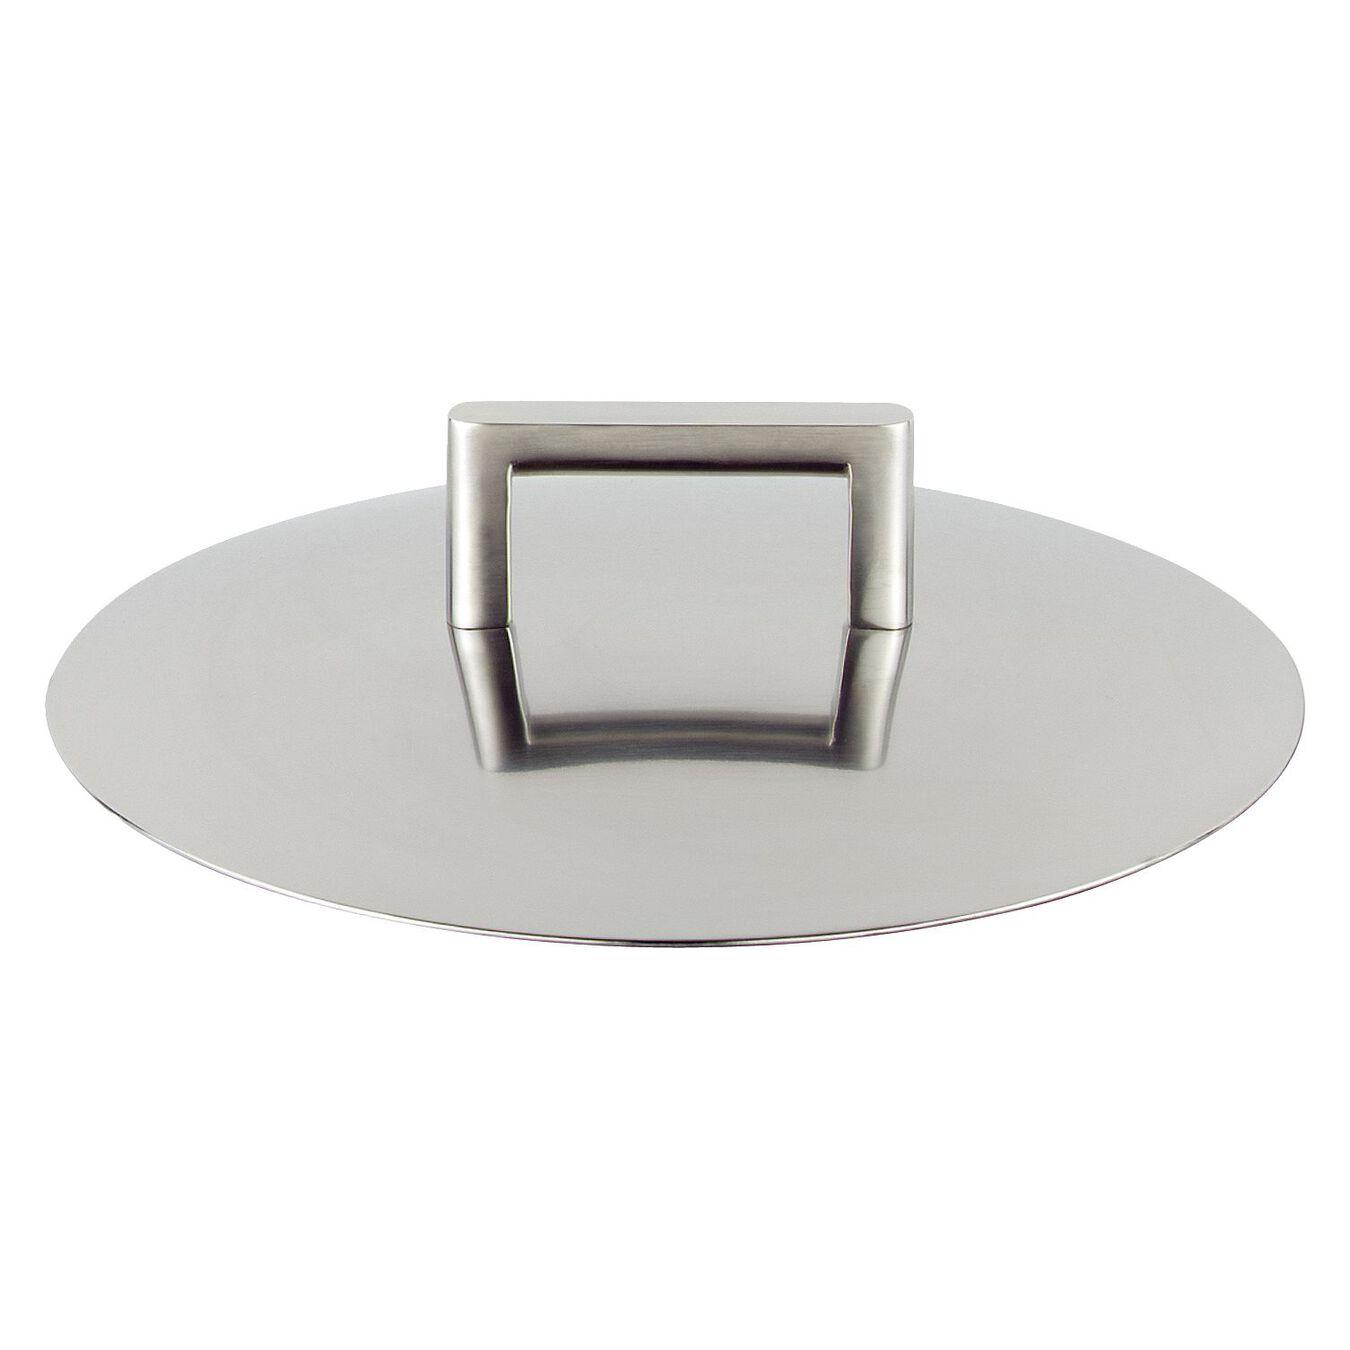 Couvercle à double paroi, 24 cm | Rond(e) | Inox 18/10,,large 1